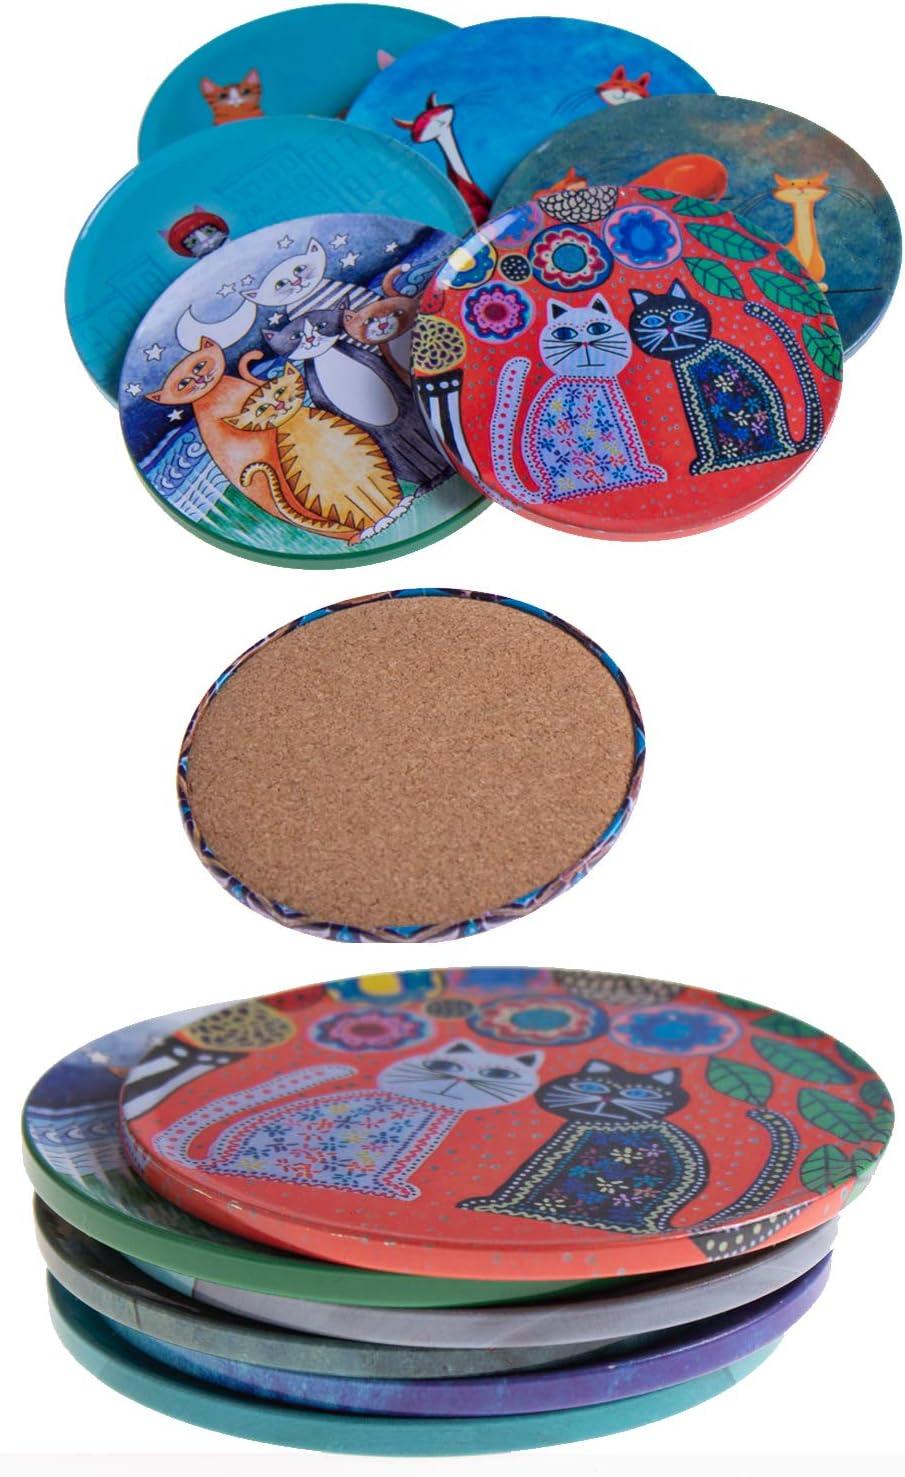 Tazas Cocina Cristal- Juego de mesas Vino Vasos Alcazaba Taza uno Drink - Regalos Originales Decorativos para caf/é BABEL ARTESANIA Posavasos Base Corcho para Mesa de Madera Set de 6